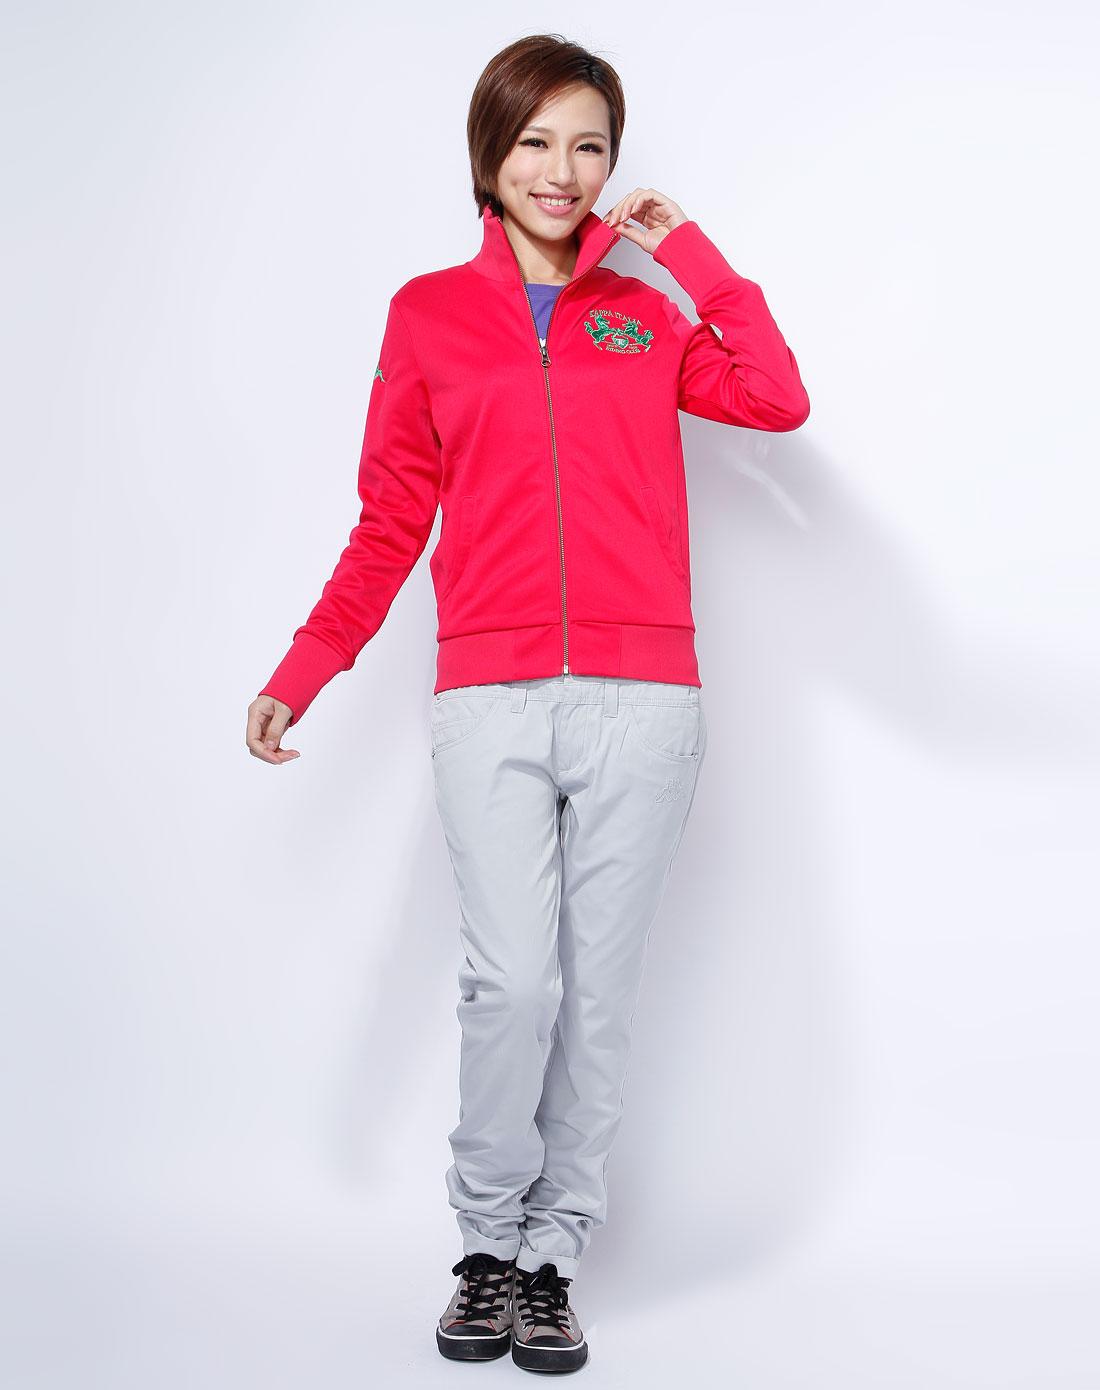 卡帕kappa女装-玫红色时尚个性休闲外套